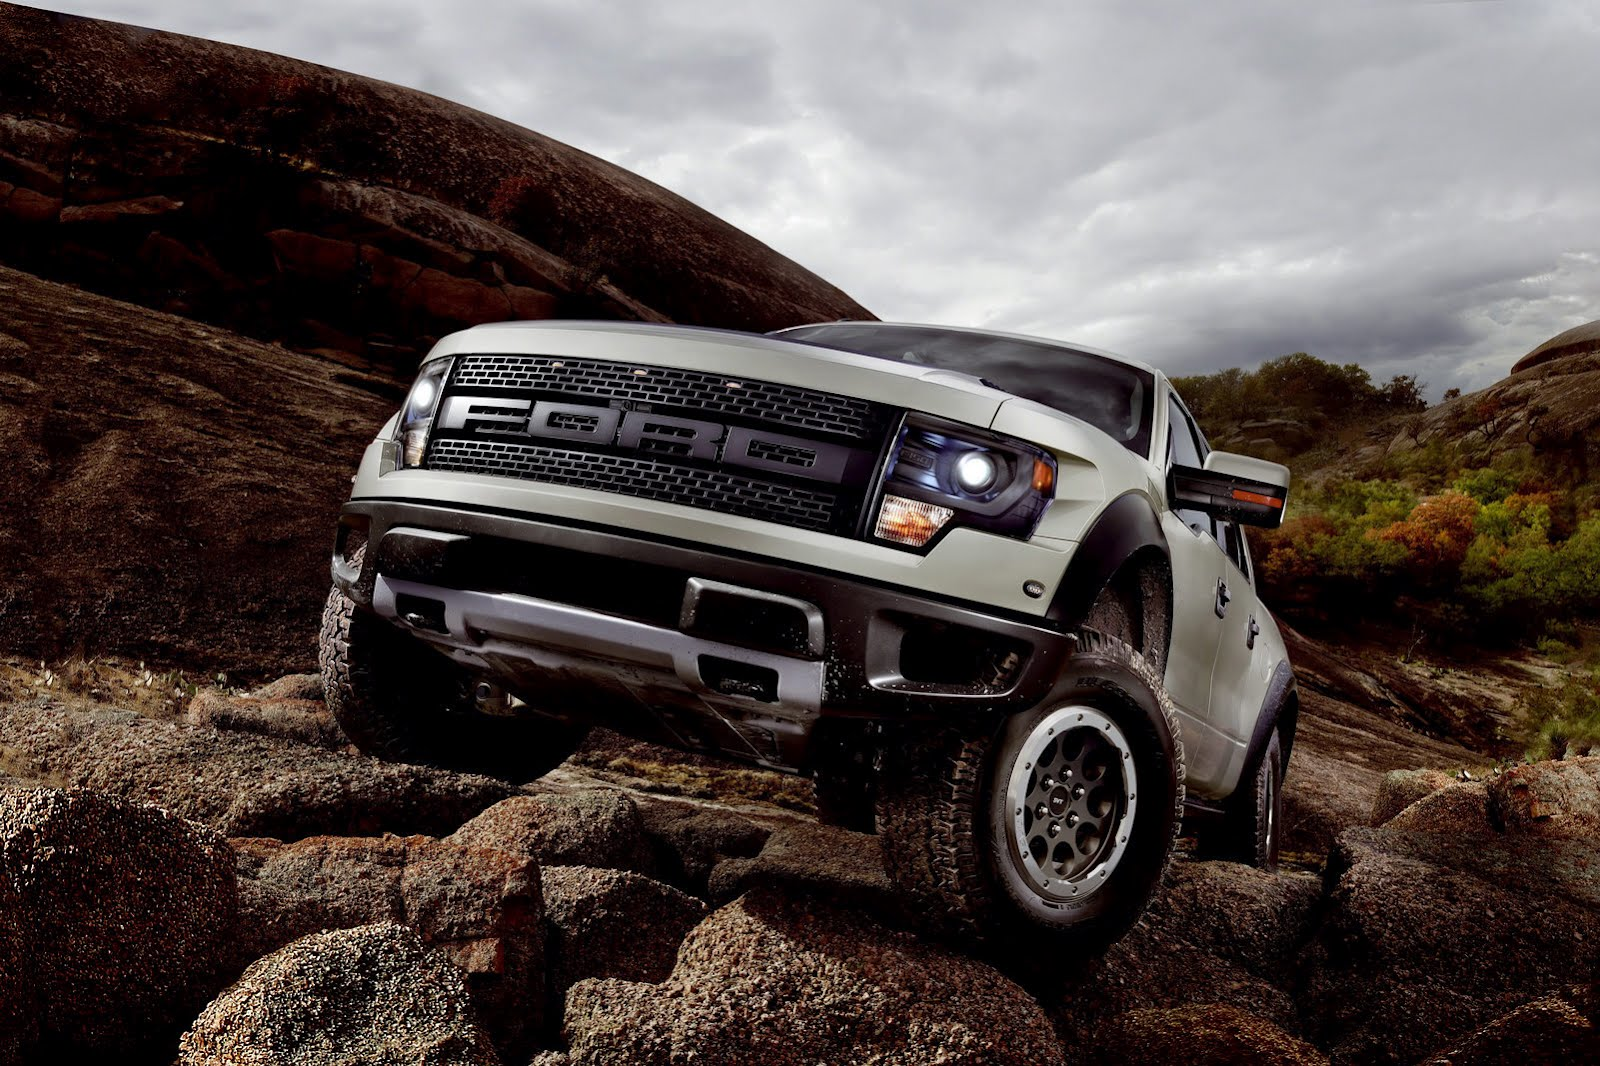 Mẫu xe bán tải cỡ lớn bán chạy nhất tại Mỹ Ford F 150